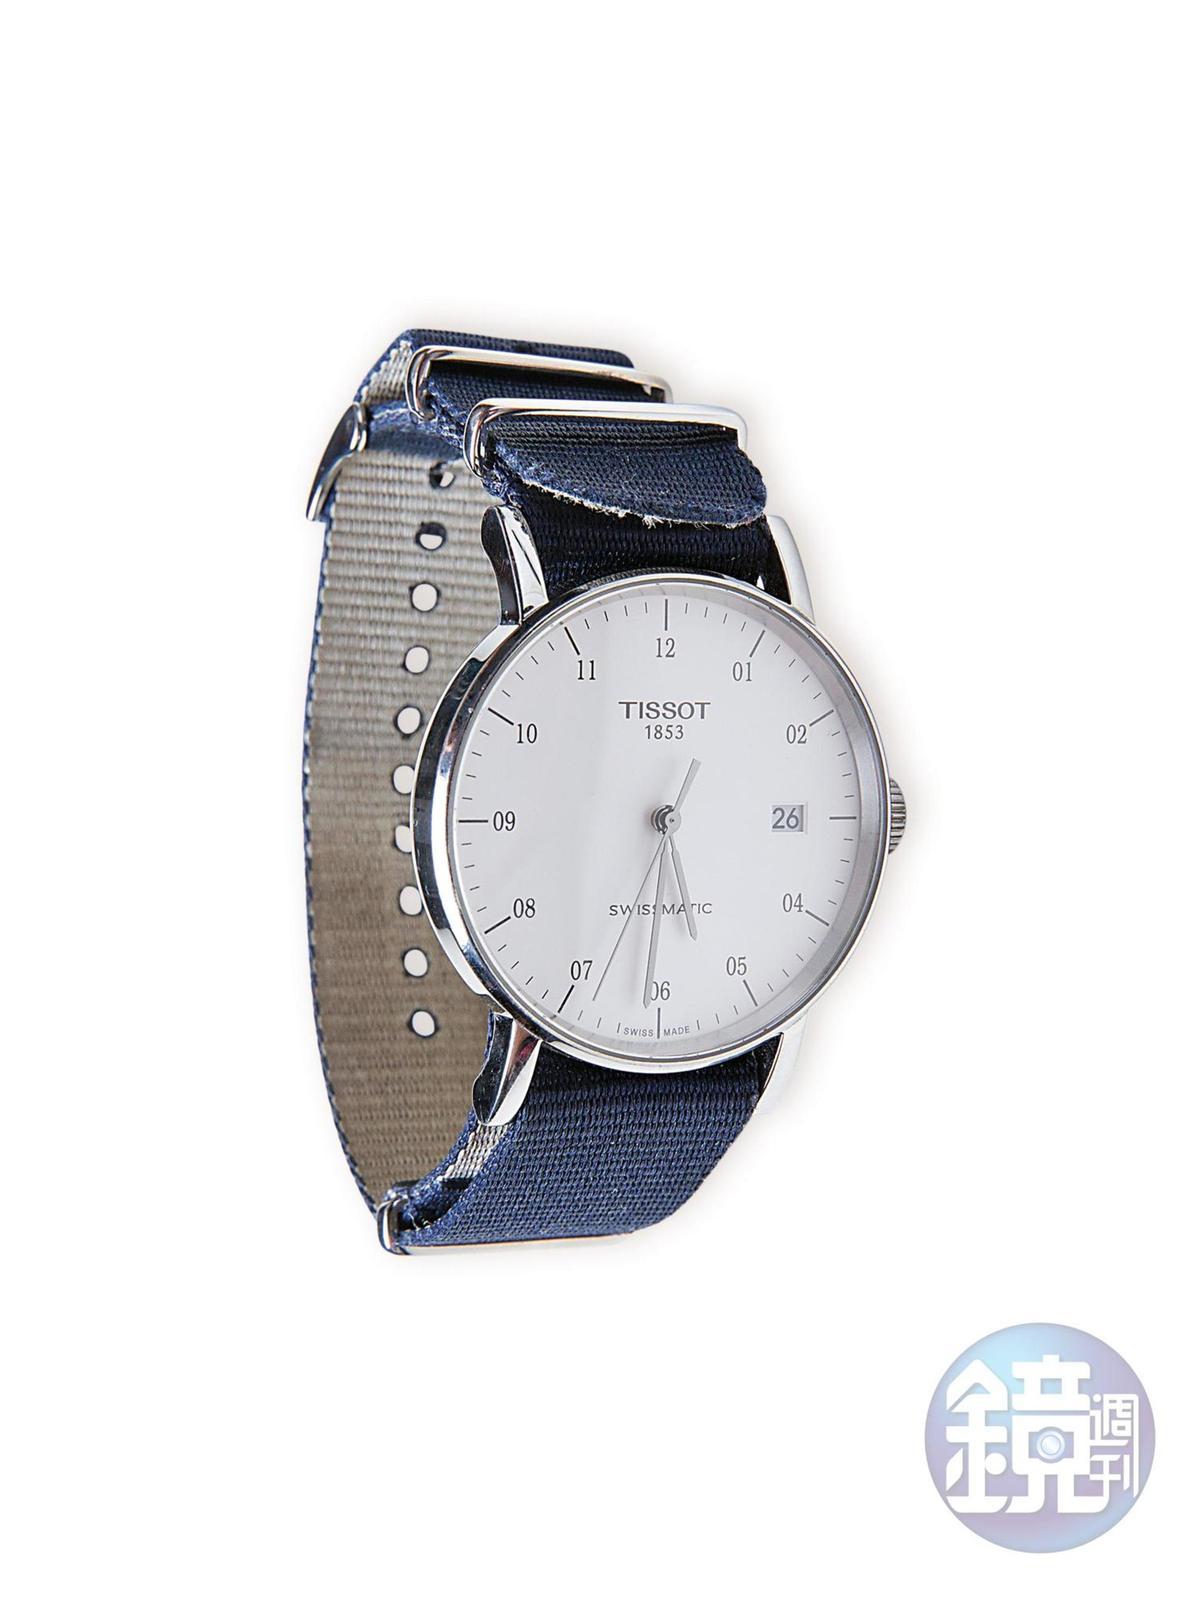 TISSOT腕錶。約NT$15,000